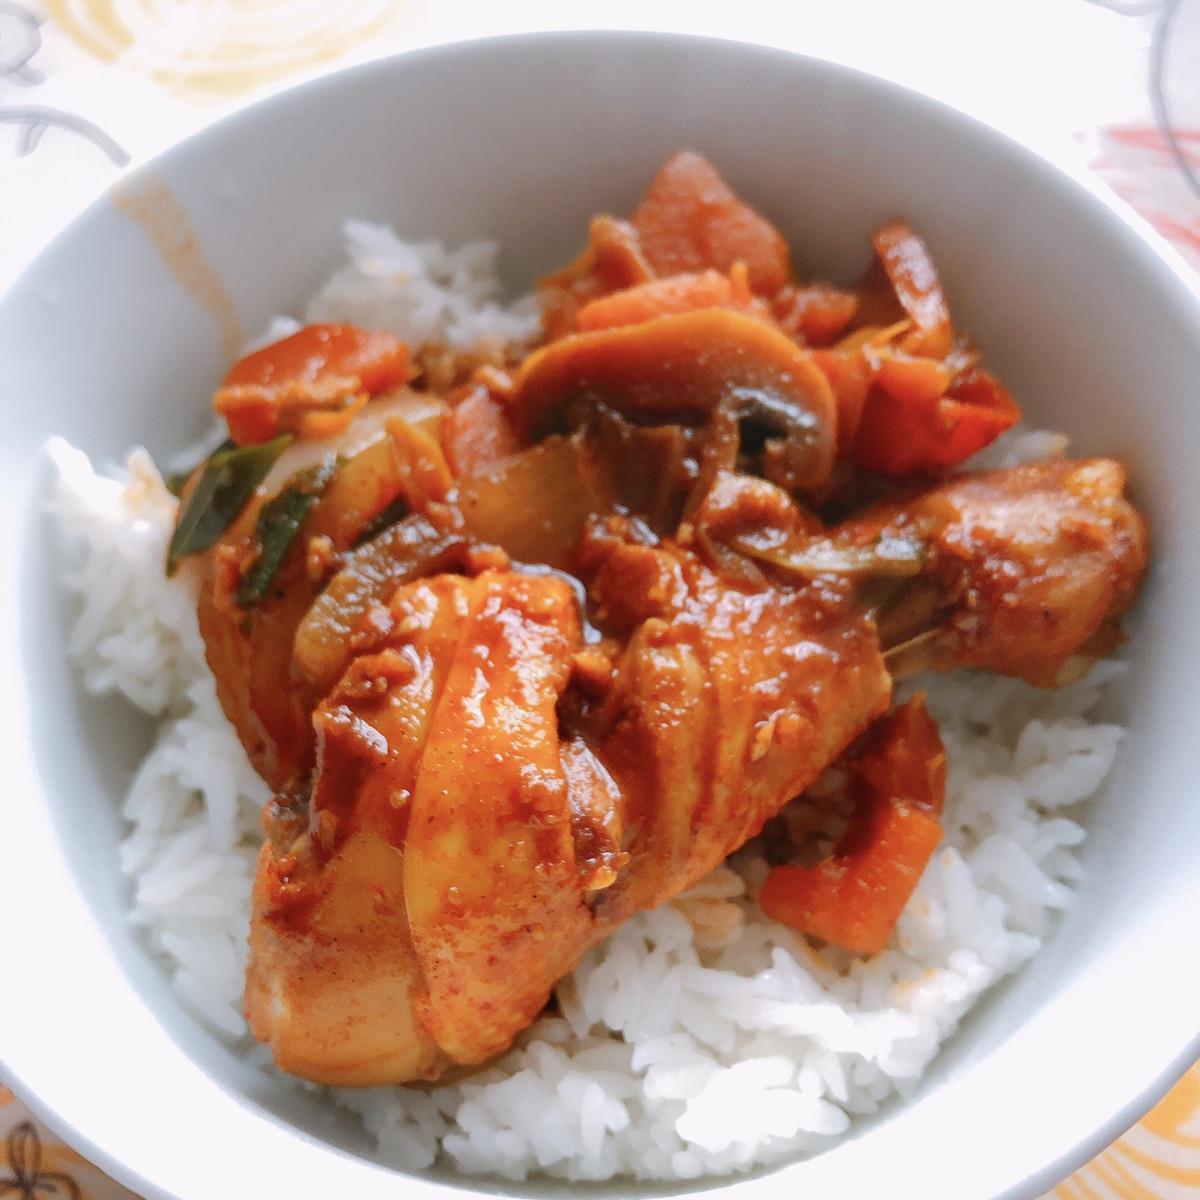 吃好打卡day7 韩式辣酱炖鸡腿